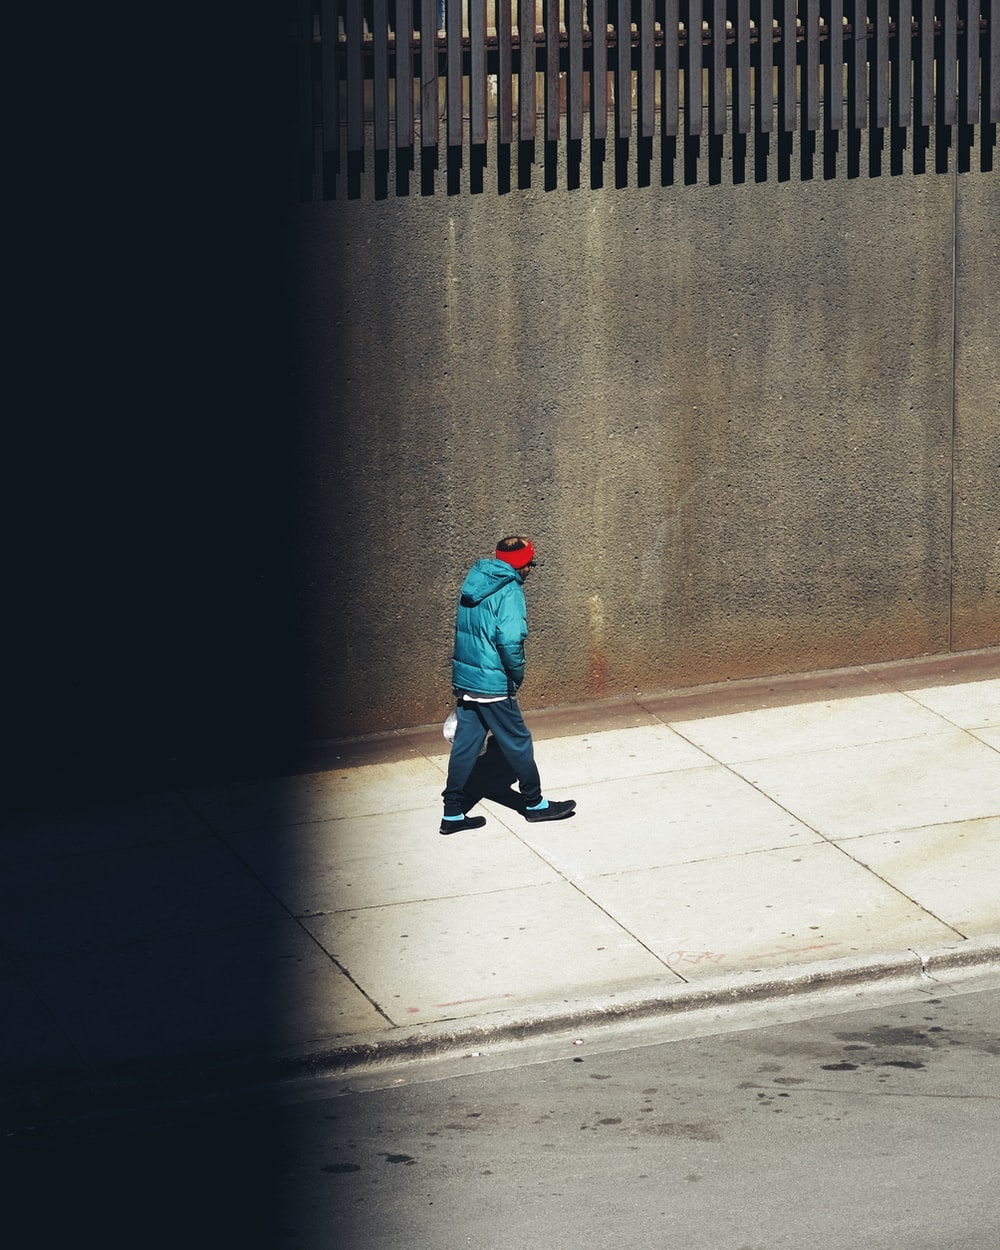 person in green hoodie walking on sidewalk during daytime